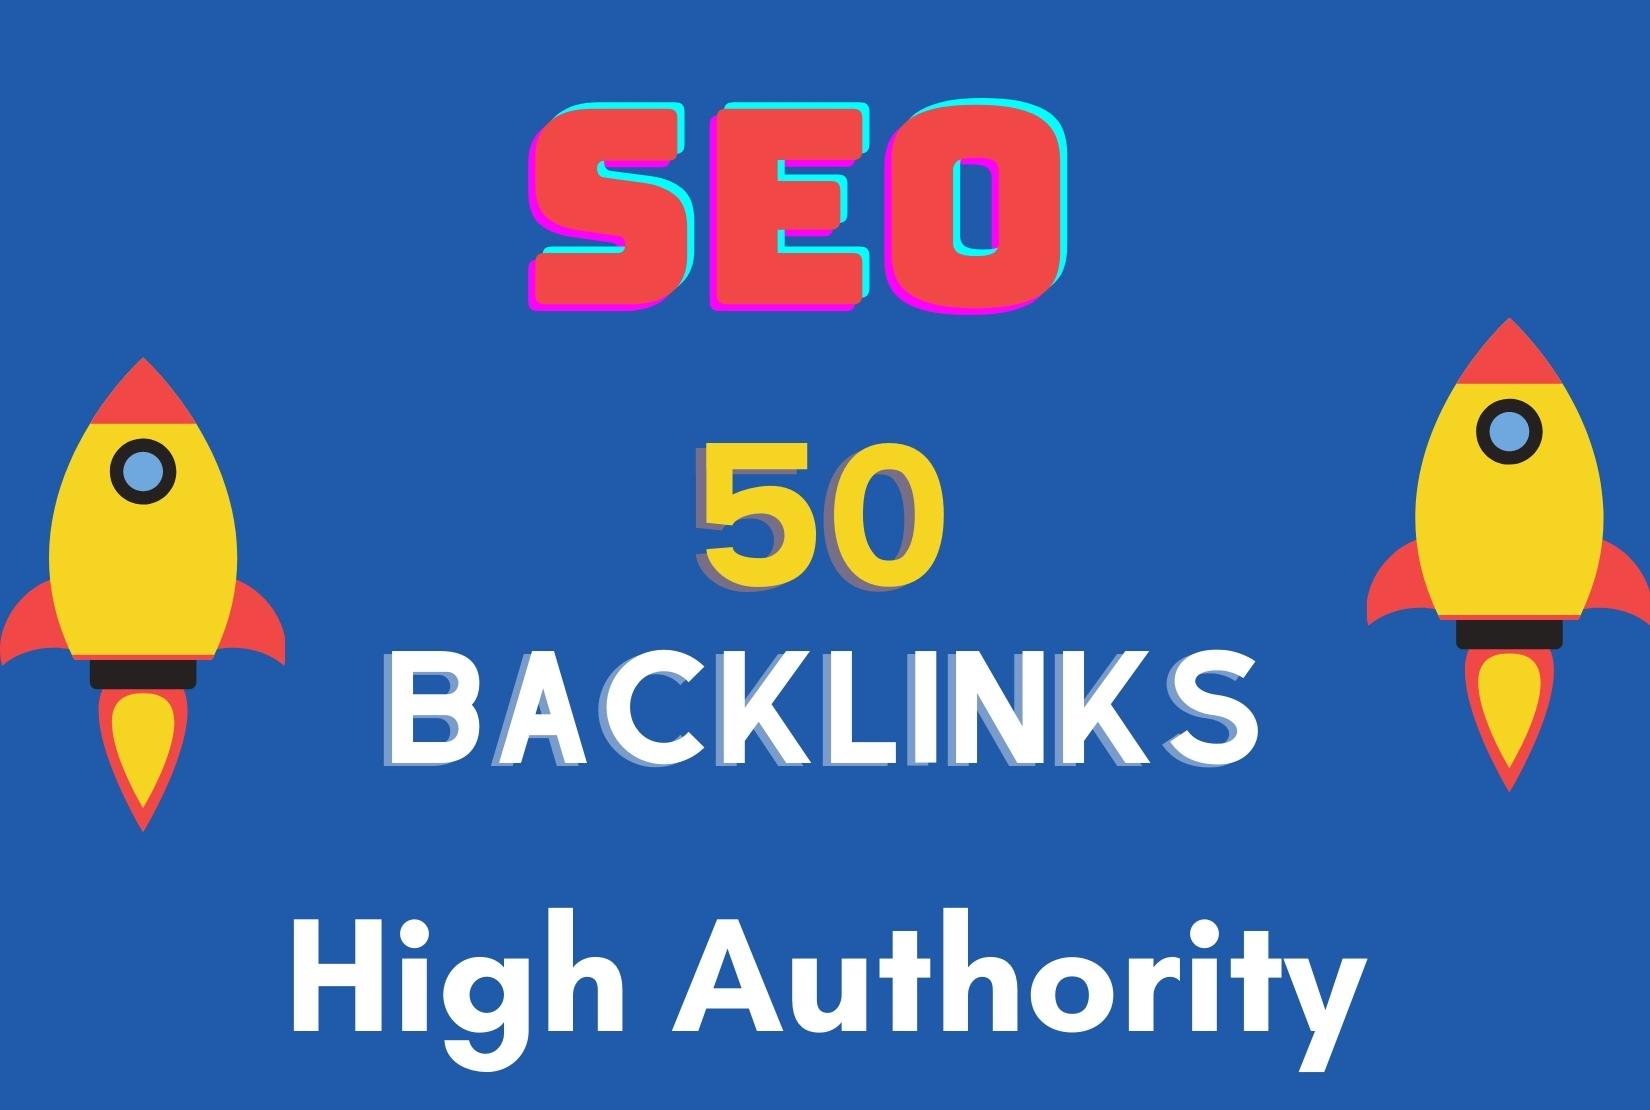 I will do 50 High Authority backlinks manually high tf